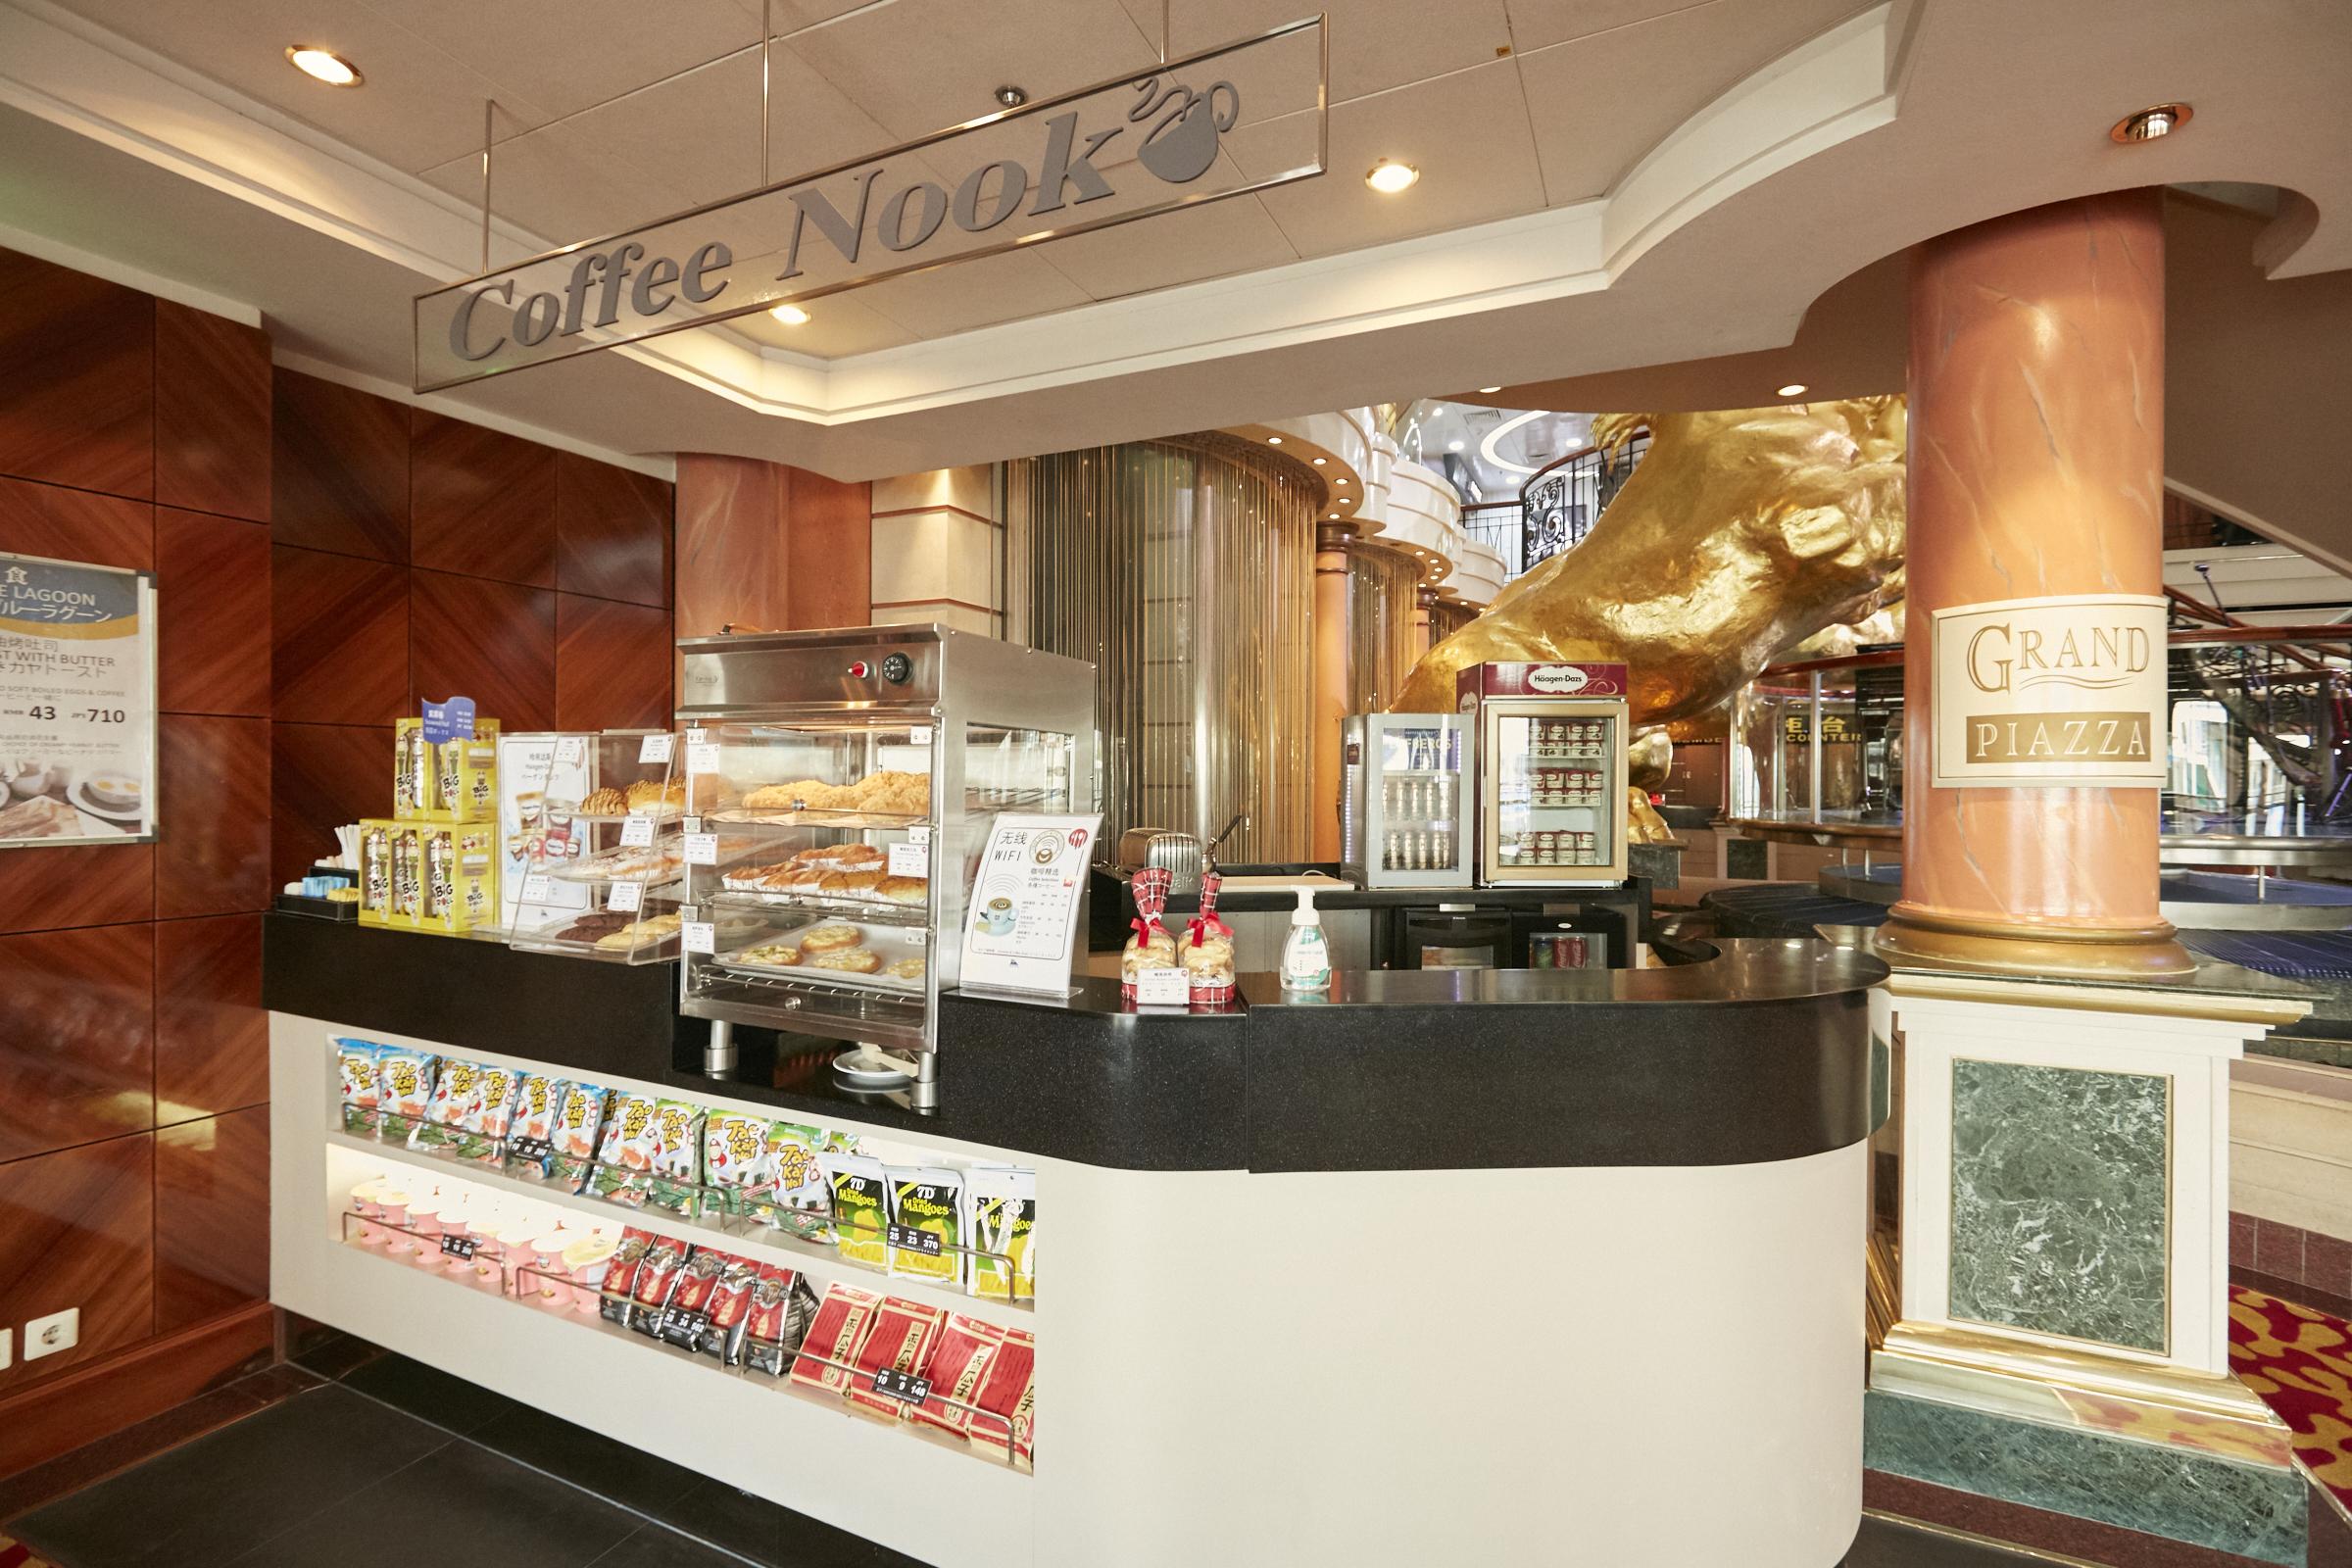 小腹が空いたら「コーヒヌック」のペストリーはいかがでしょうか?